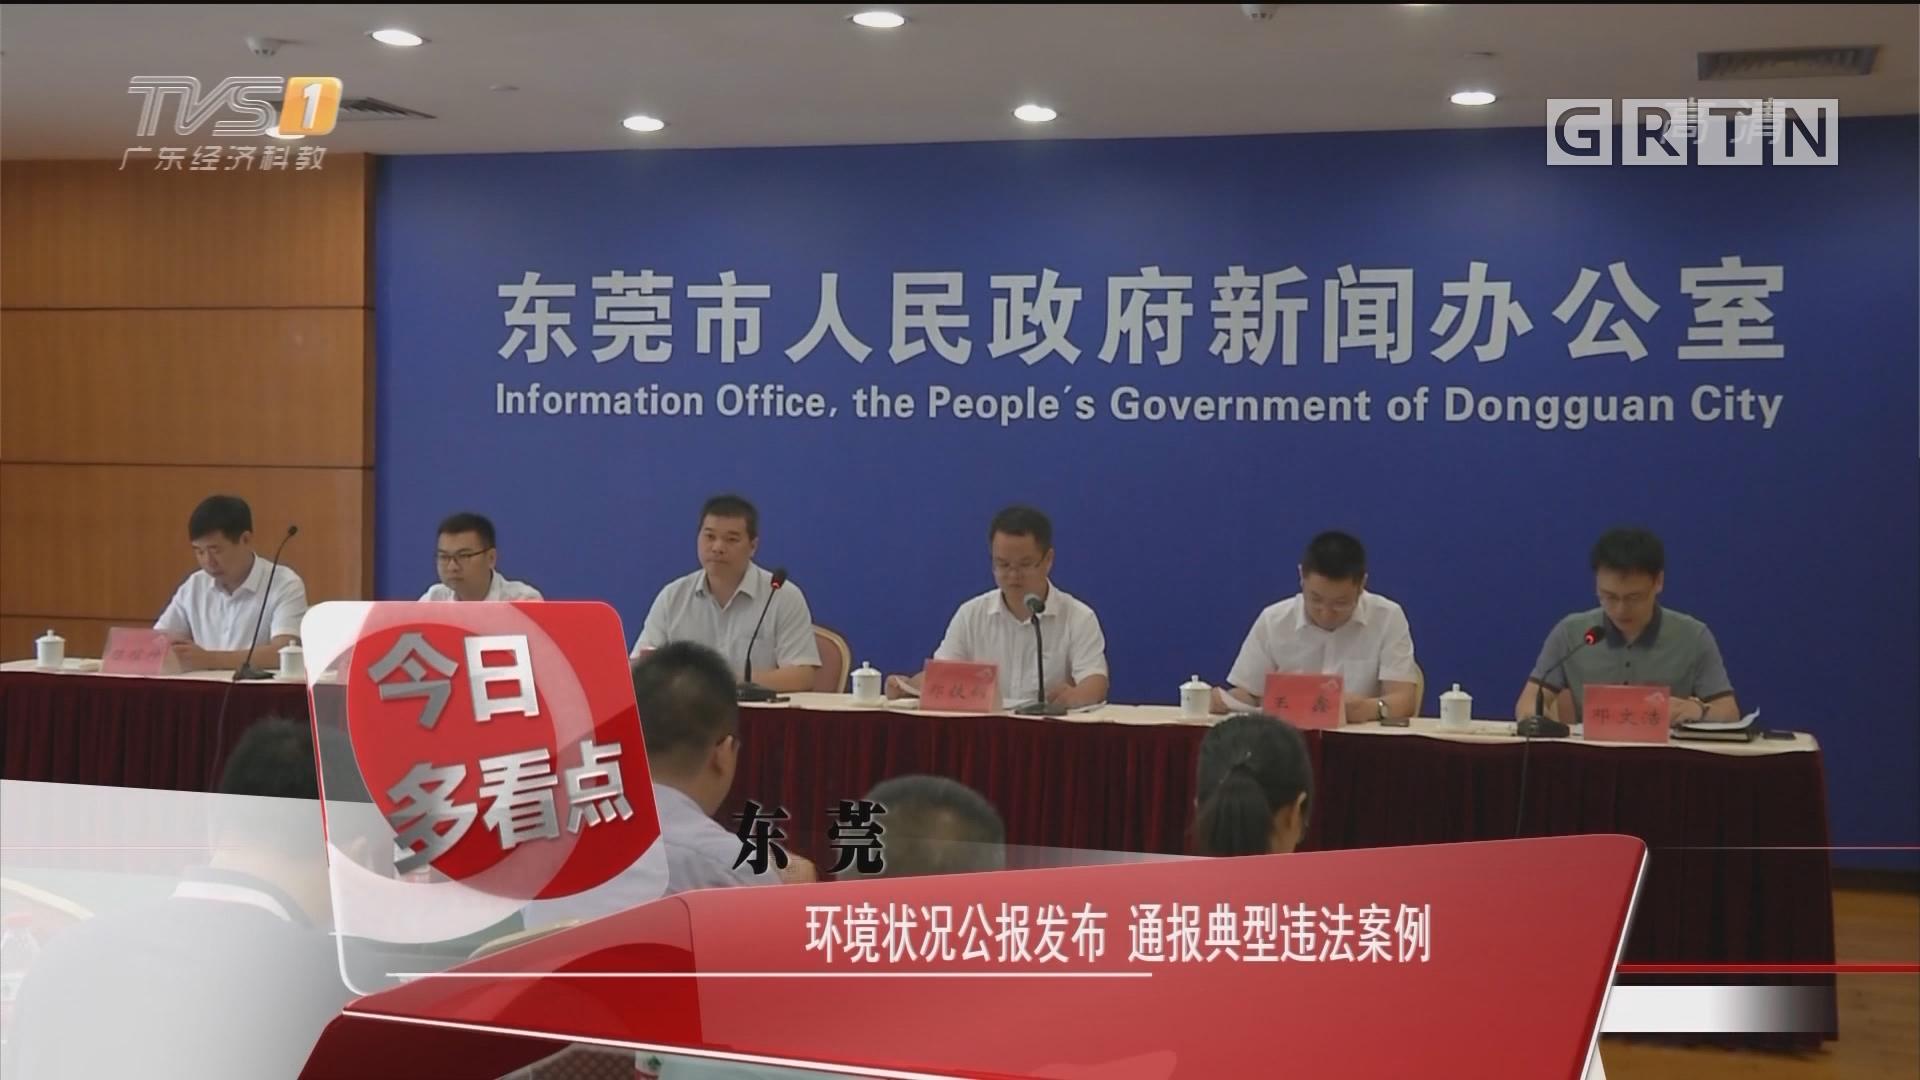 东莞:环境状况公报发布 通报典型违法案例